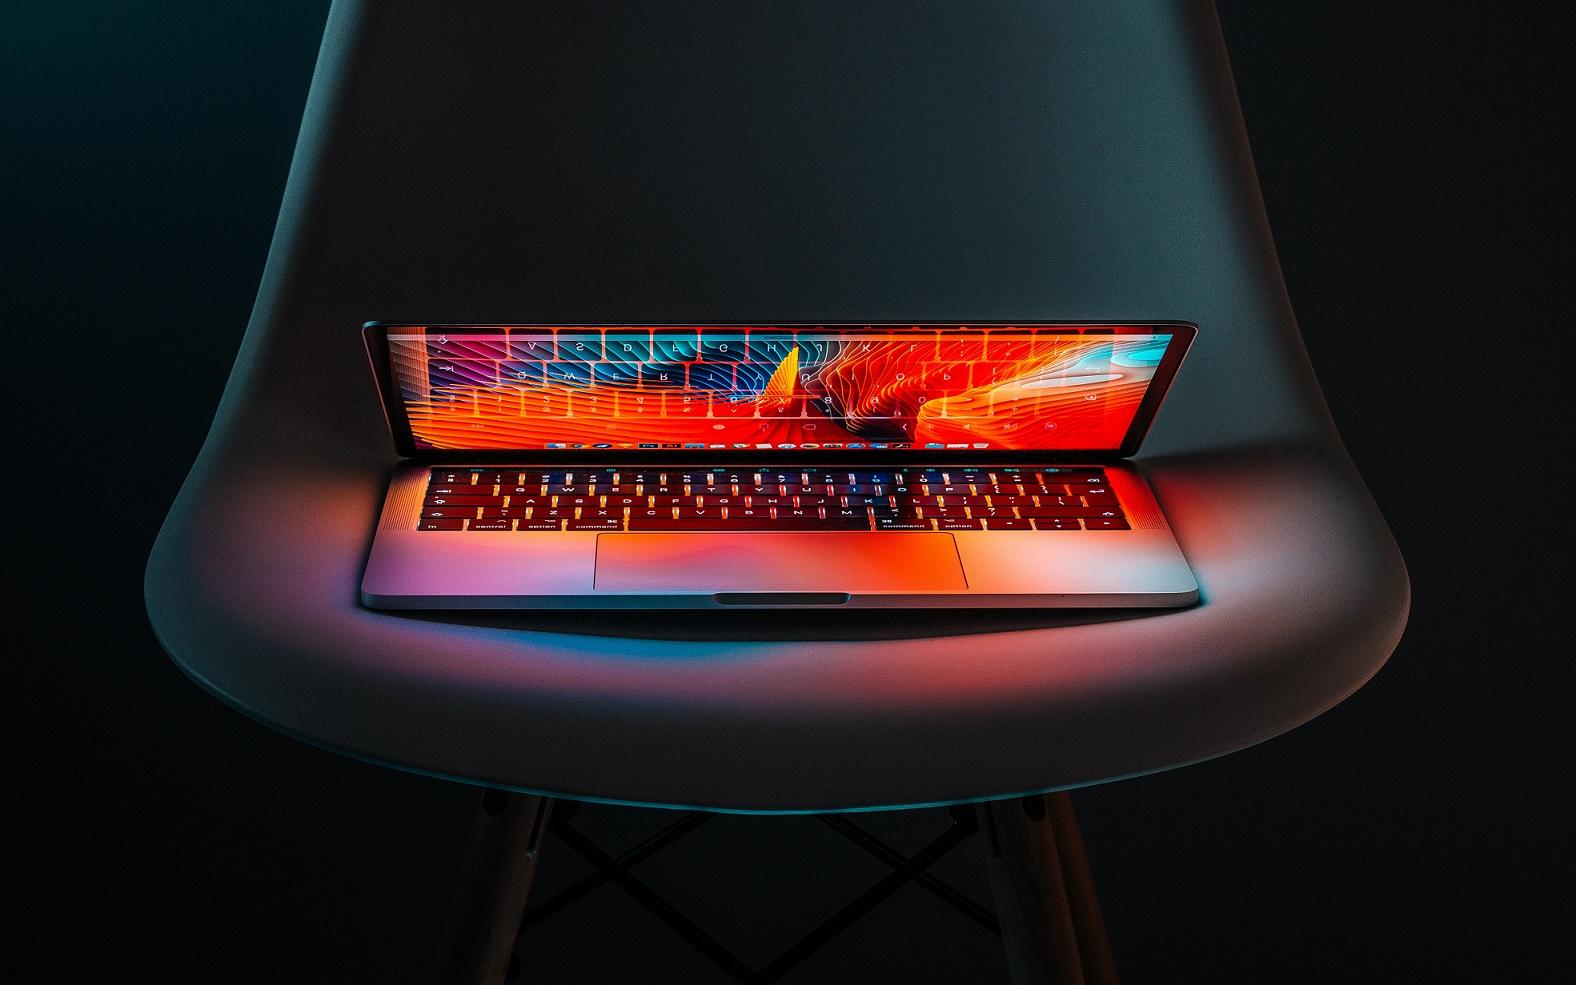 Ein Laptop auf einem Stuhl, der Dank OLEDs magisch in strahlenden Farben leuchtet.